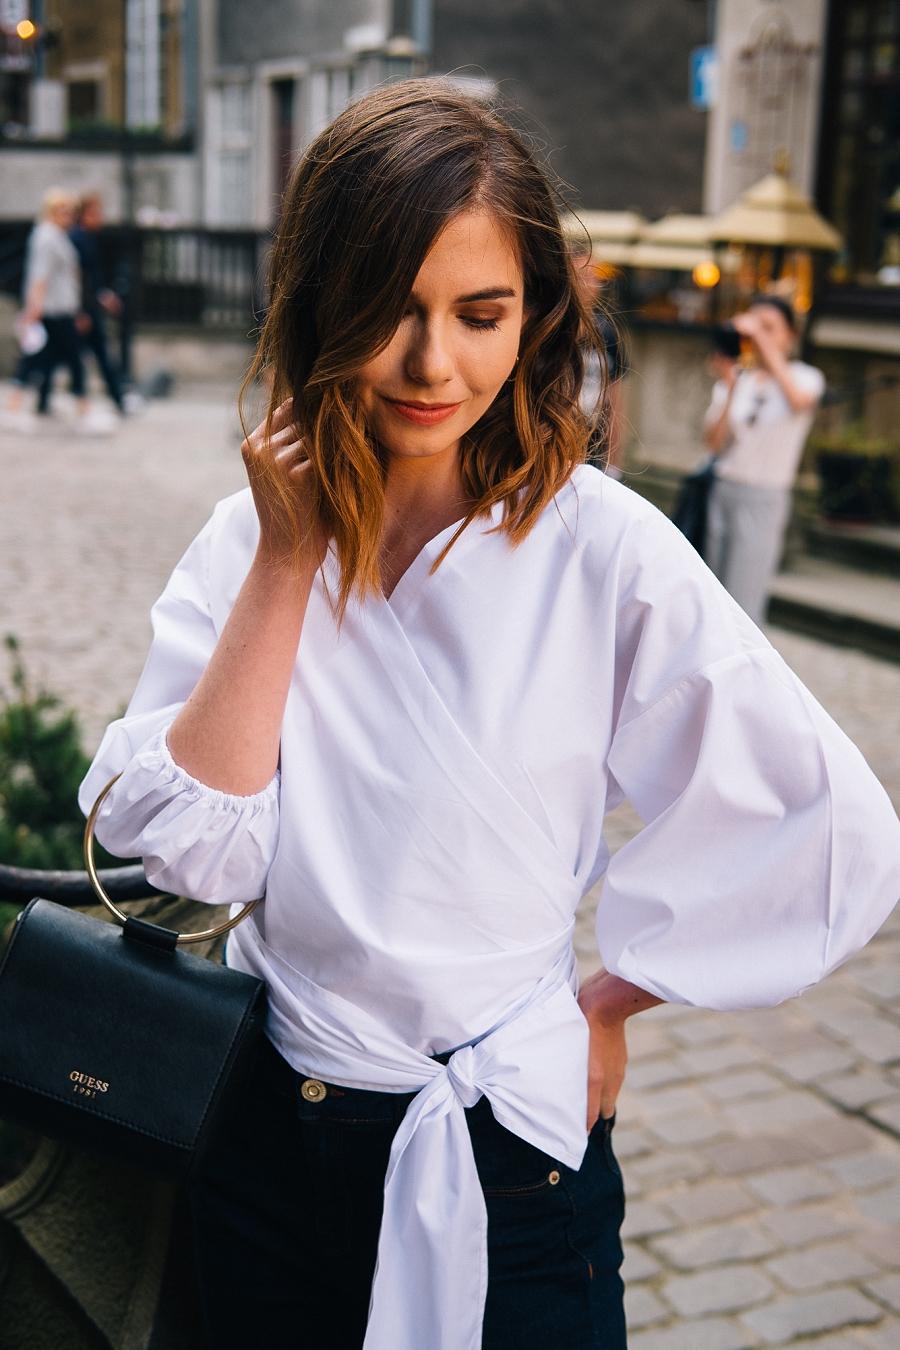 Answear.com - biała koszula z bufiastymi rękawami - stylizacja do pracy